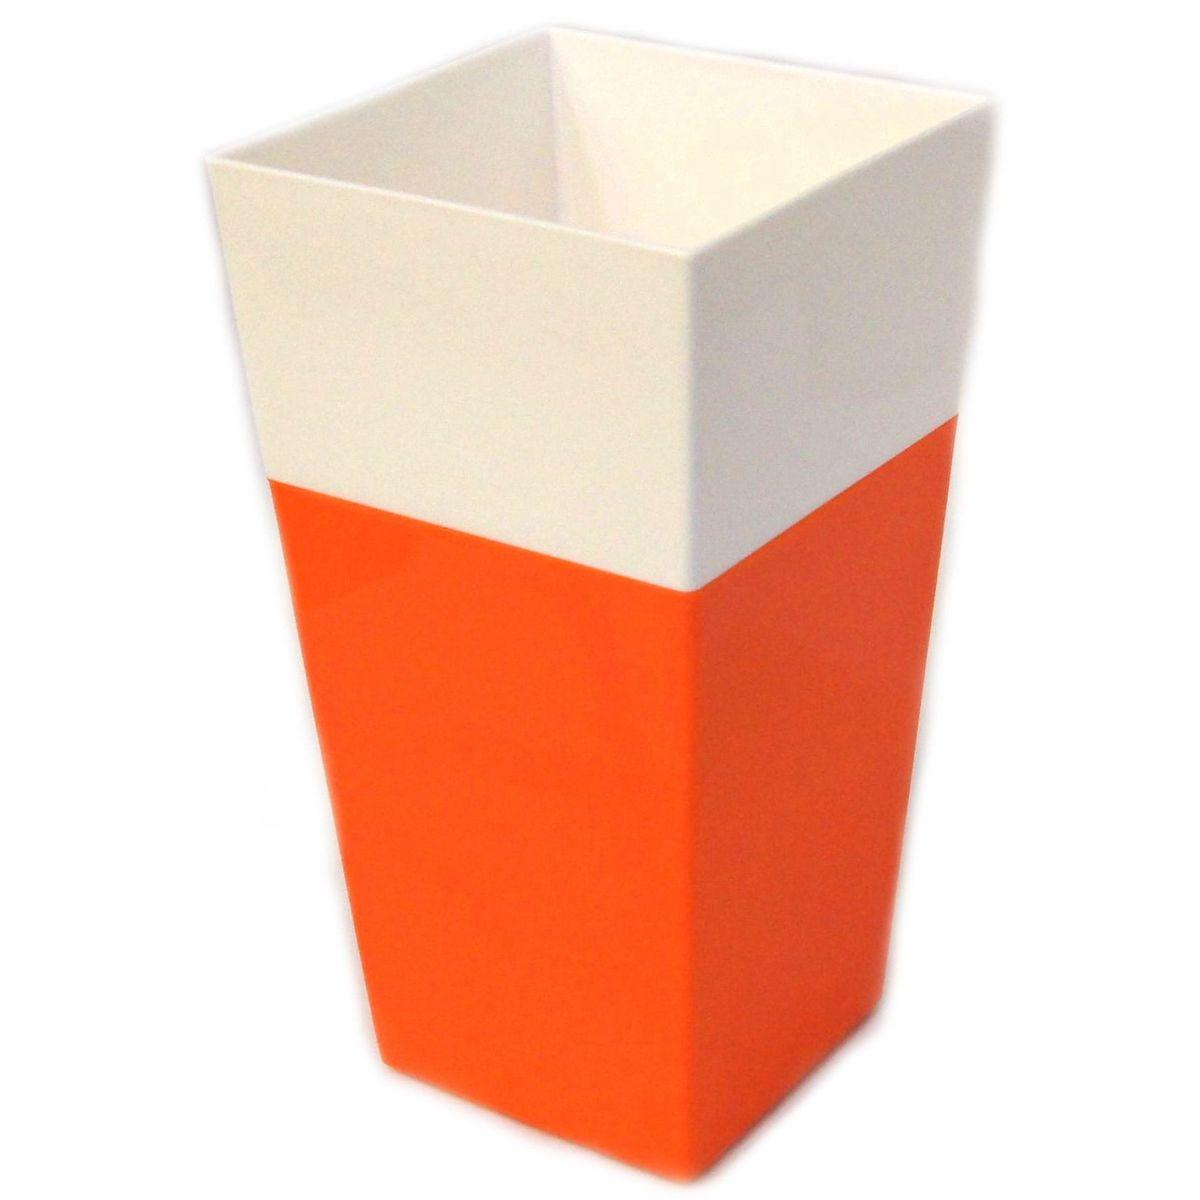 Кашпо JetPlast Дуэт, цвет: оранжевый, белый, высота 34 см4612754052646Кашпо имеет строгий дизайн и состоит из двух частей: верхней части для цветка и нижней – поддона. Конструкция горшка позволяет, при желании, использовать систему фитильного полива, снабдив горшок веревкой. Оно изготовлено из прочного полипропилена (пластика).Размеры кашпо: 18 х 18 х 34 см.